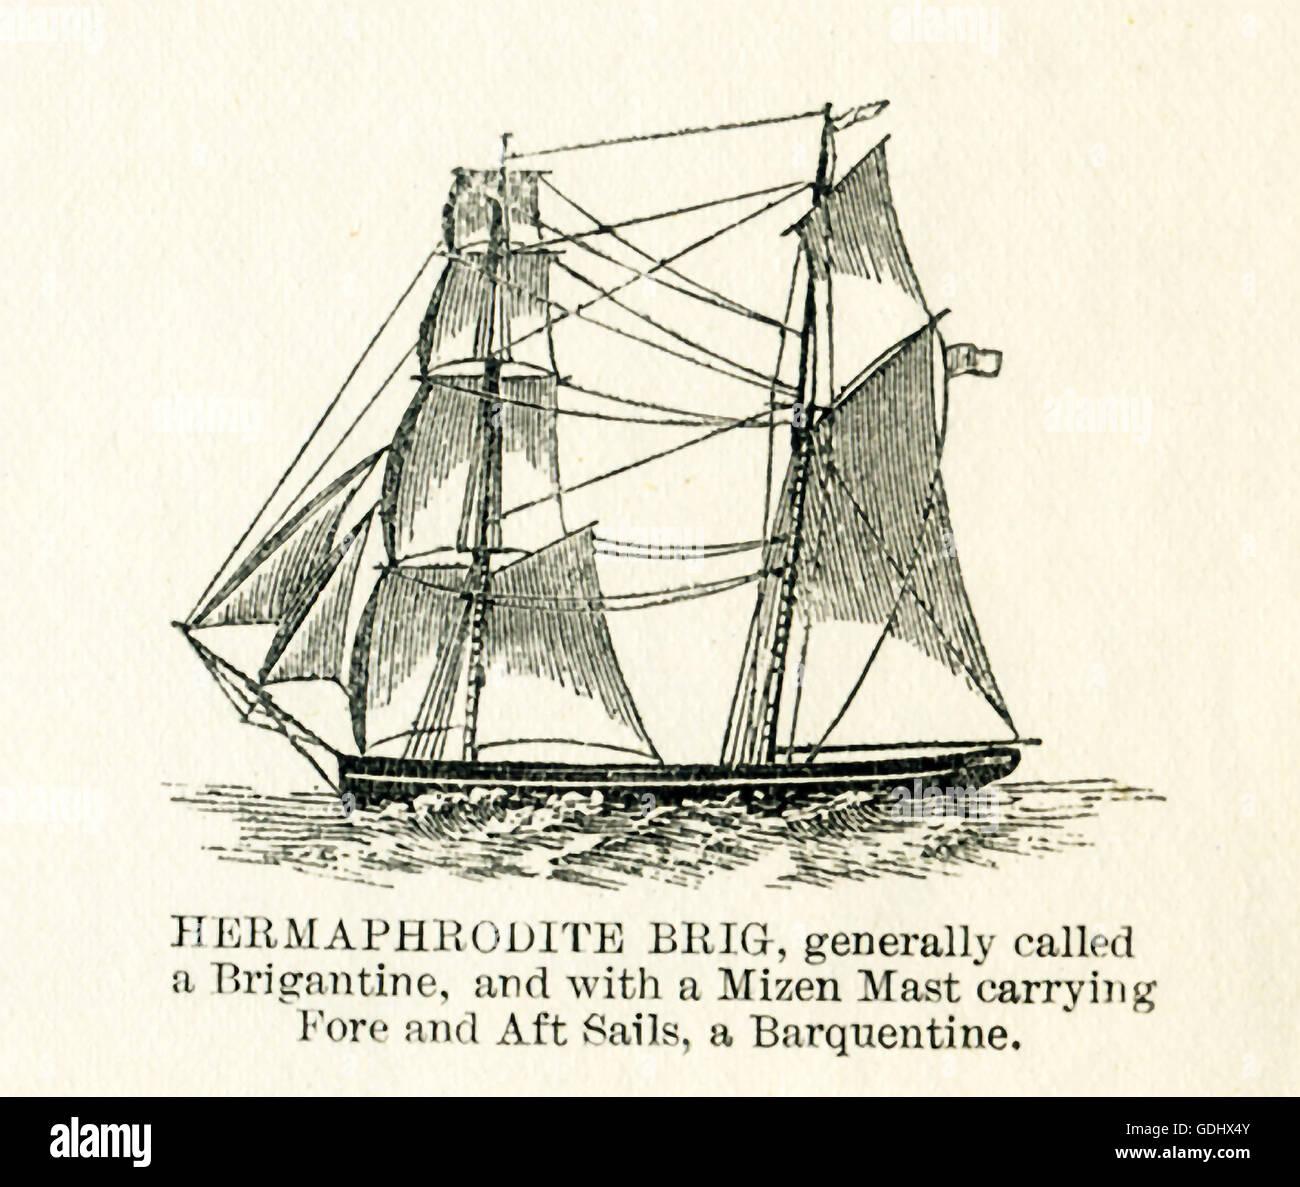 El buque que se ilustran en este dibujo del siglo xix es hermafrodita Brig. Imagen De Stock